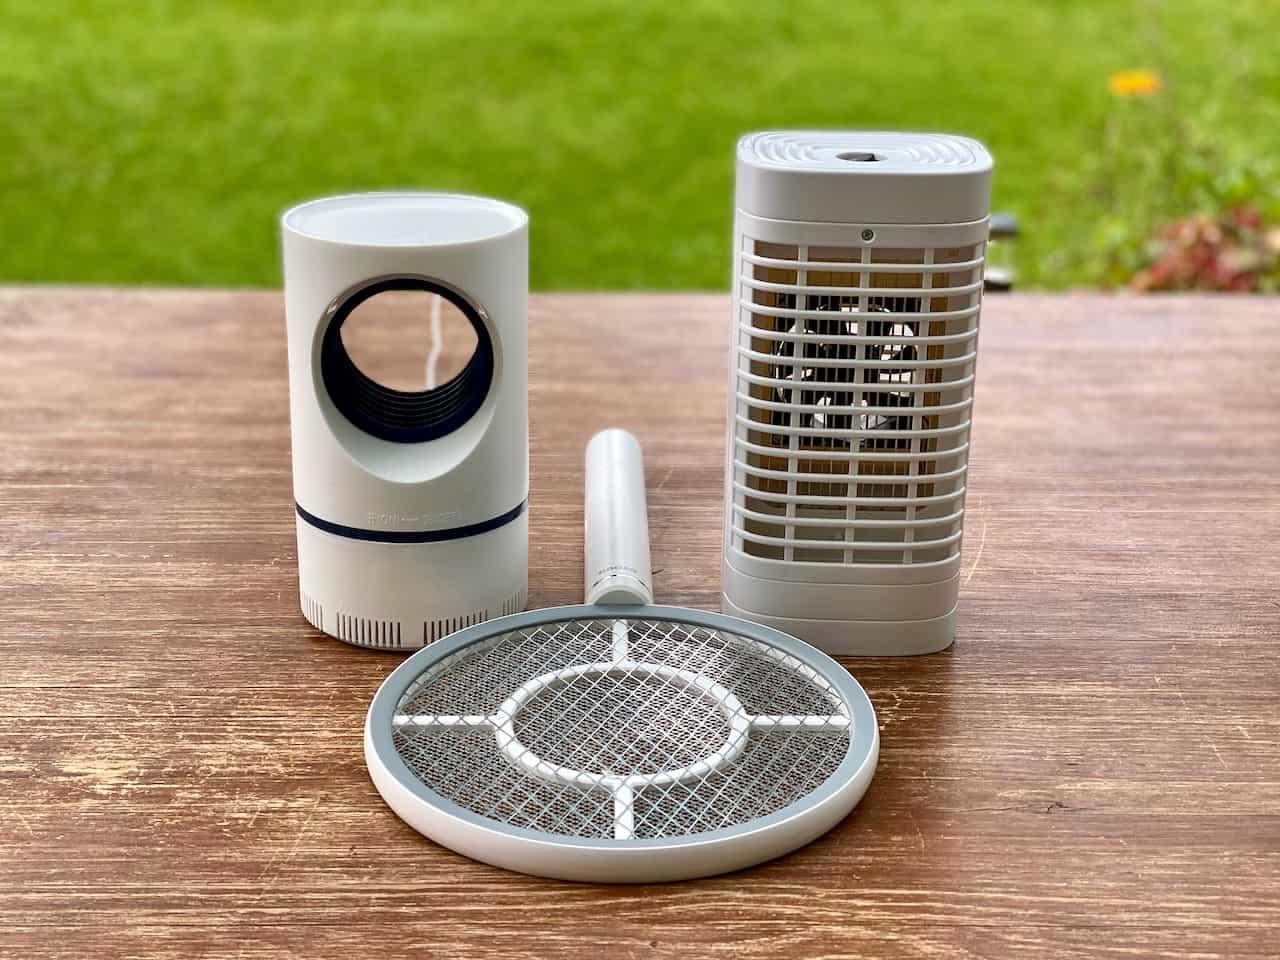 UV-Insektenvernichter-Mückenvernichter-Mückengriller-Fliegenklatsche-